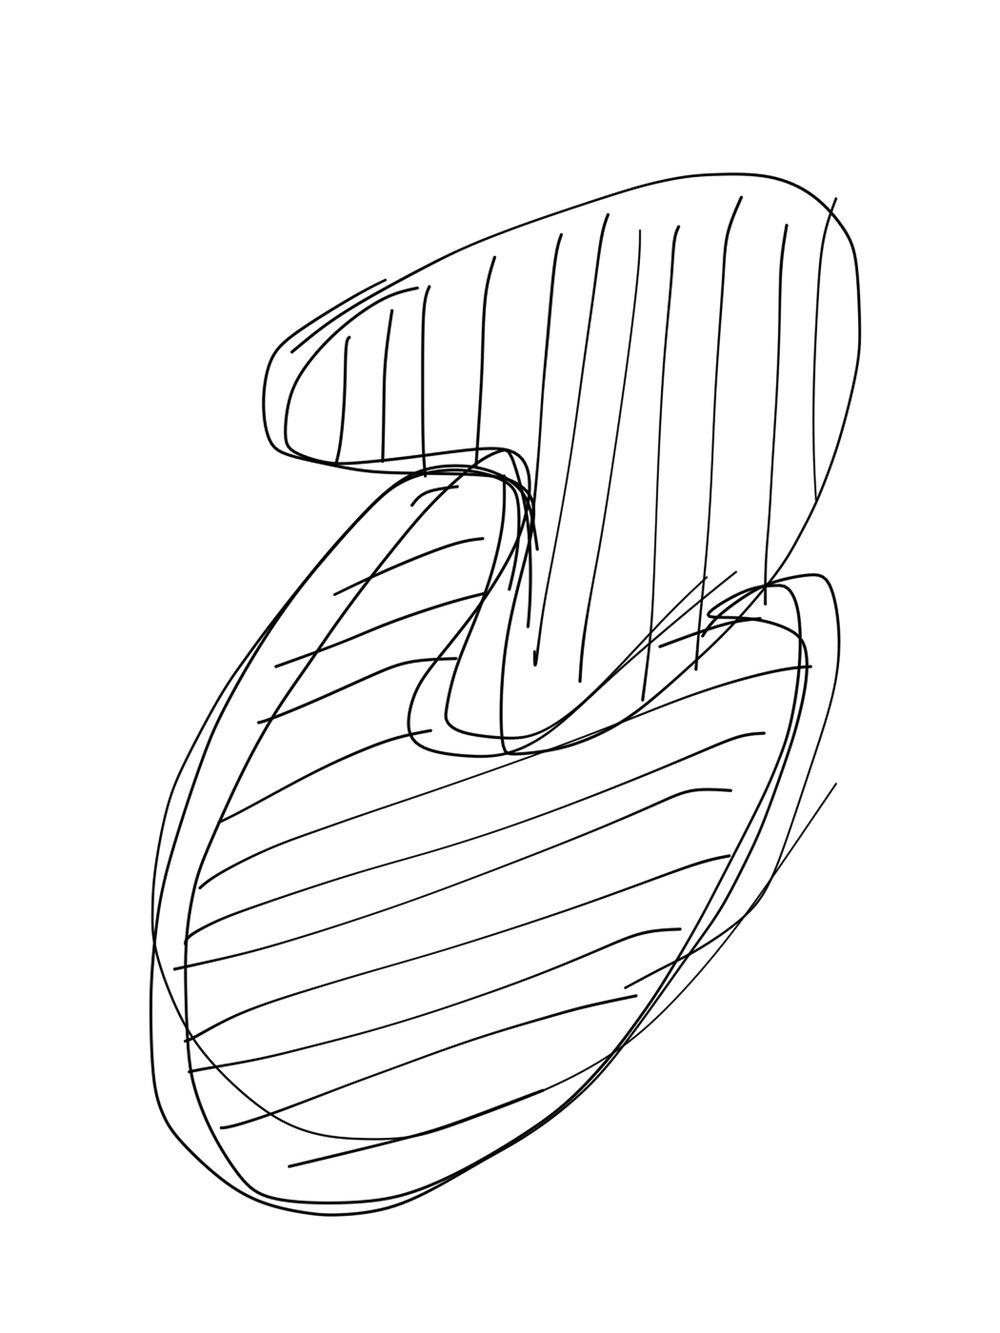 Sketch-352.jpg